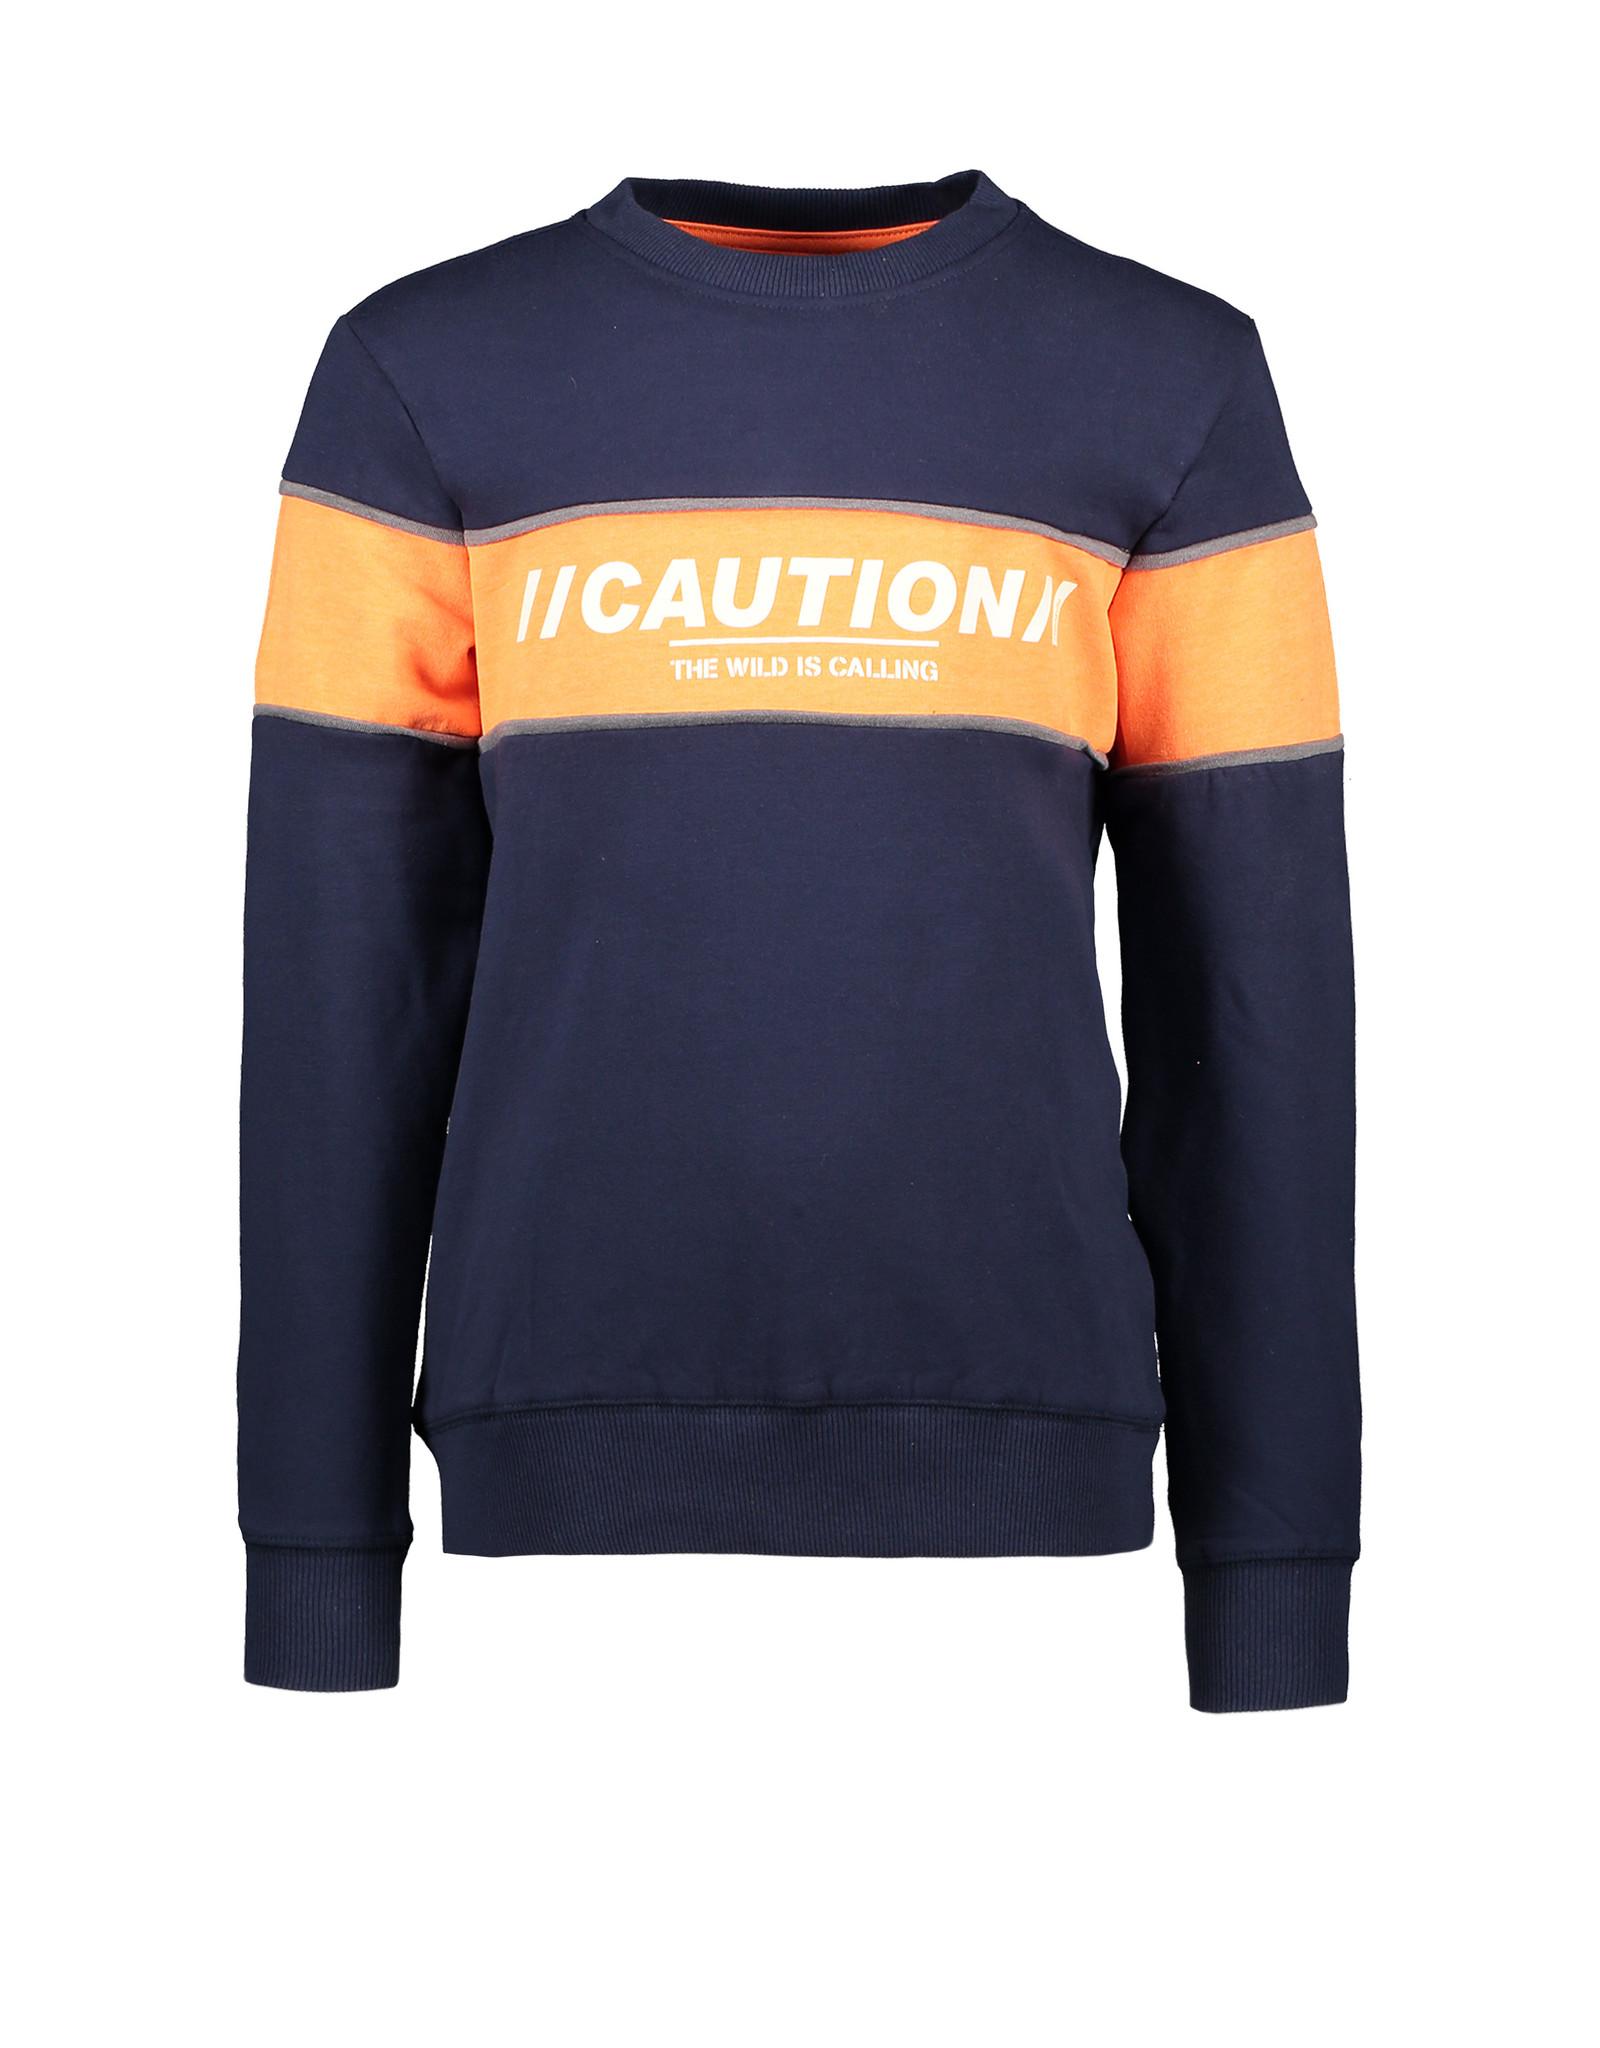 Tygo & Vito T&v sweater CAUTION